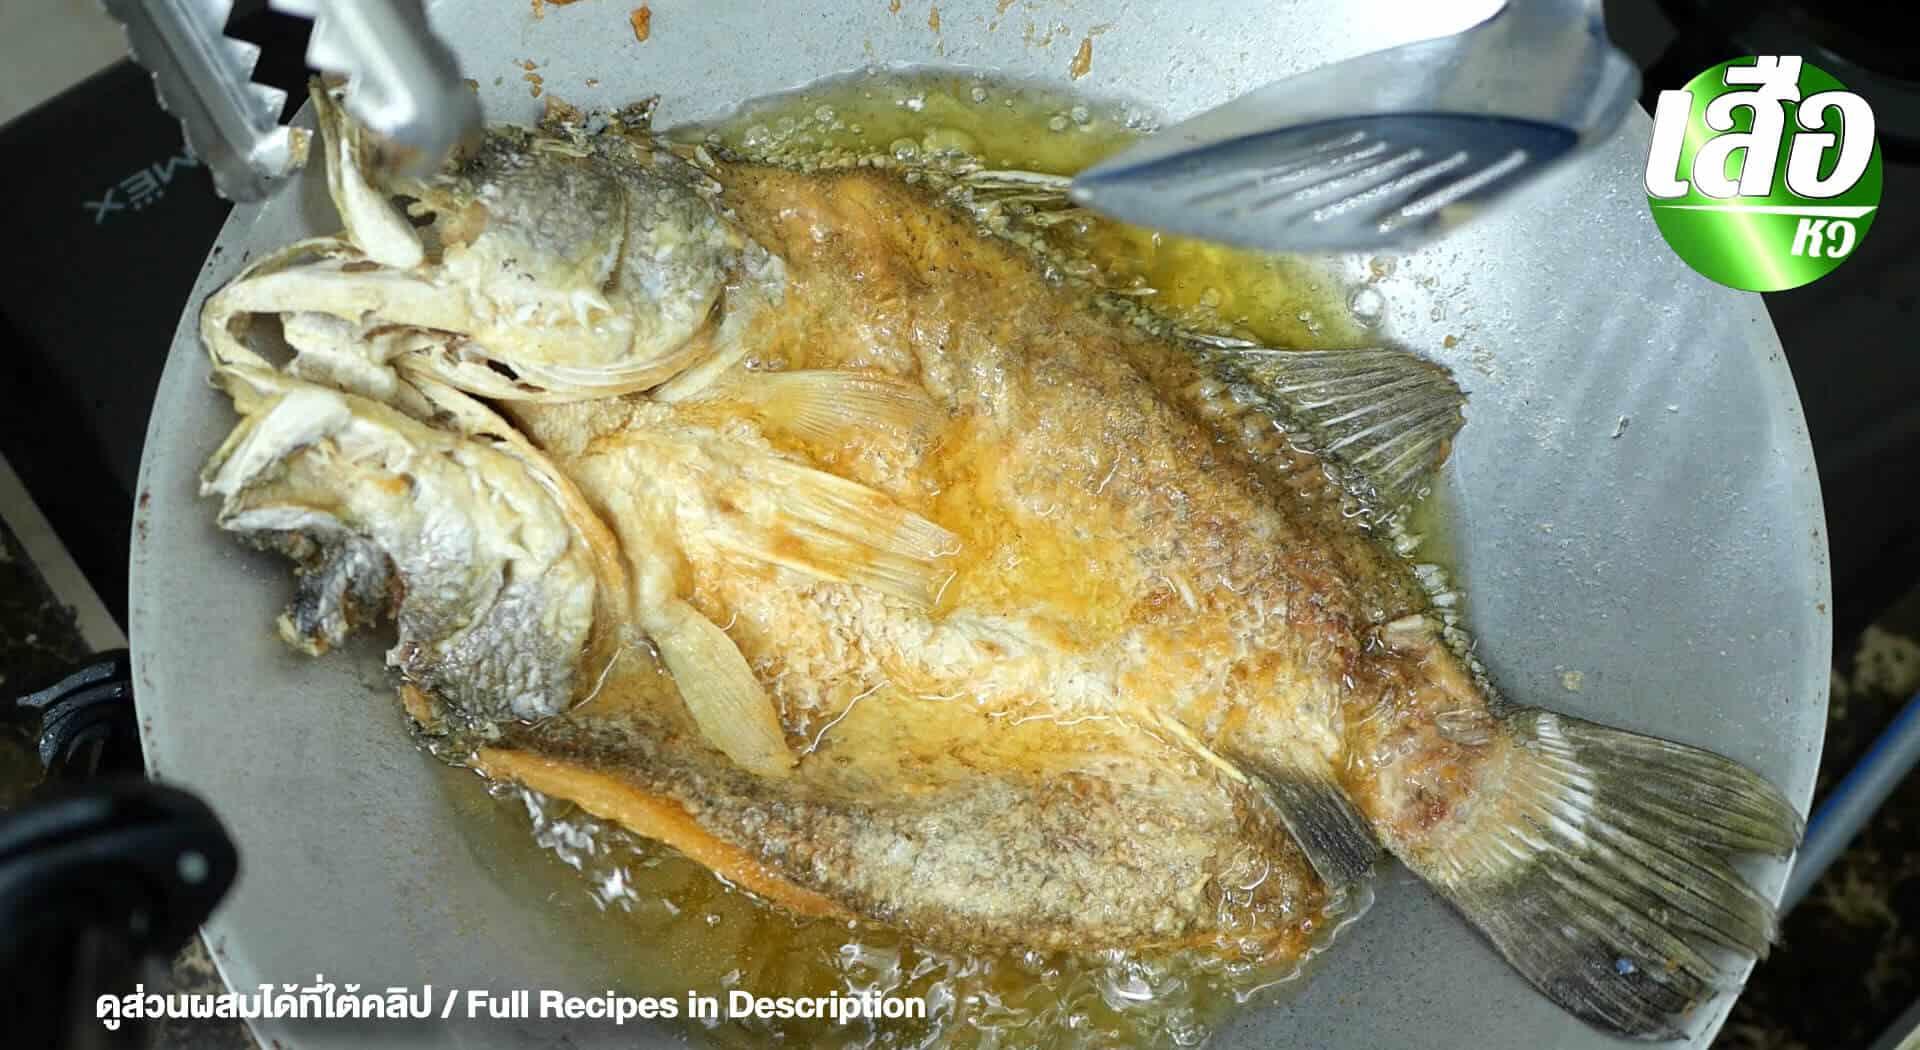 ทอดปลากระพงไม่ให้ติดกระทะ